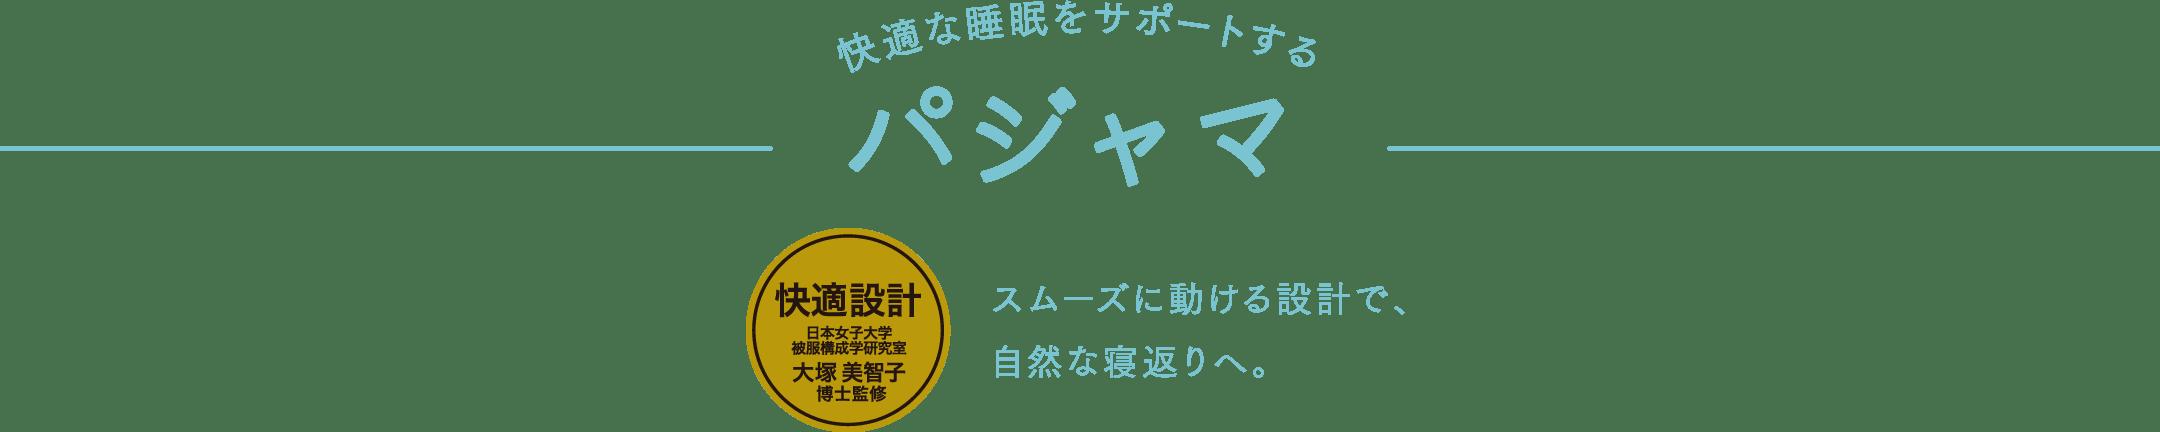 快適な睡眠をサポートする パジャマ 快適設計 日本女子大学被服構成学研究室 大塚 美智子博士監修 スムーズに動ける設計で、自然な寝返りへ。